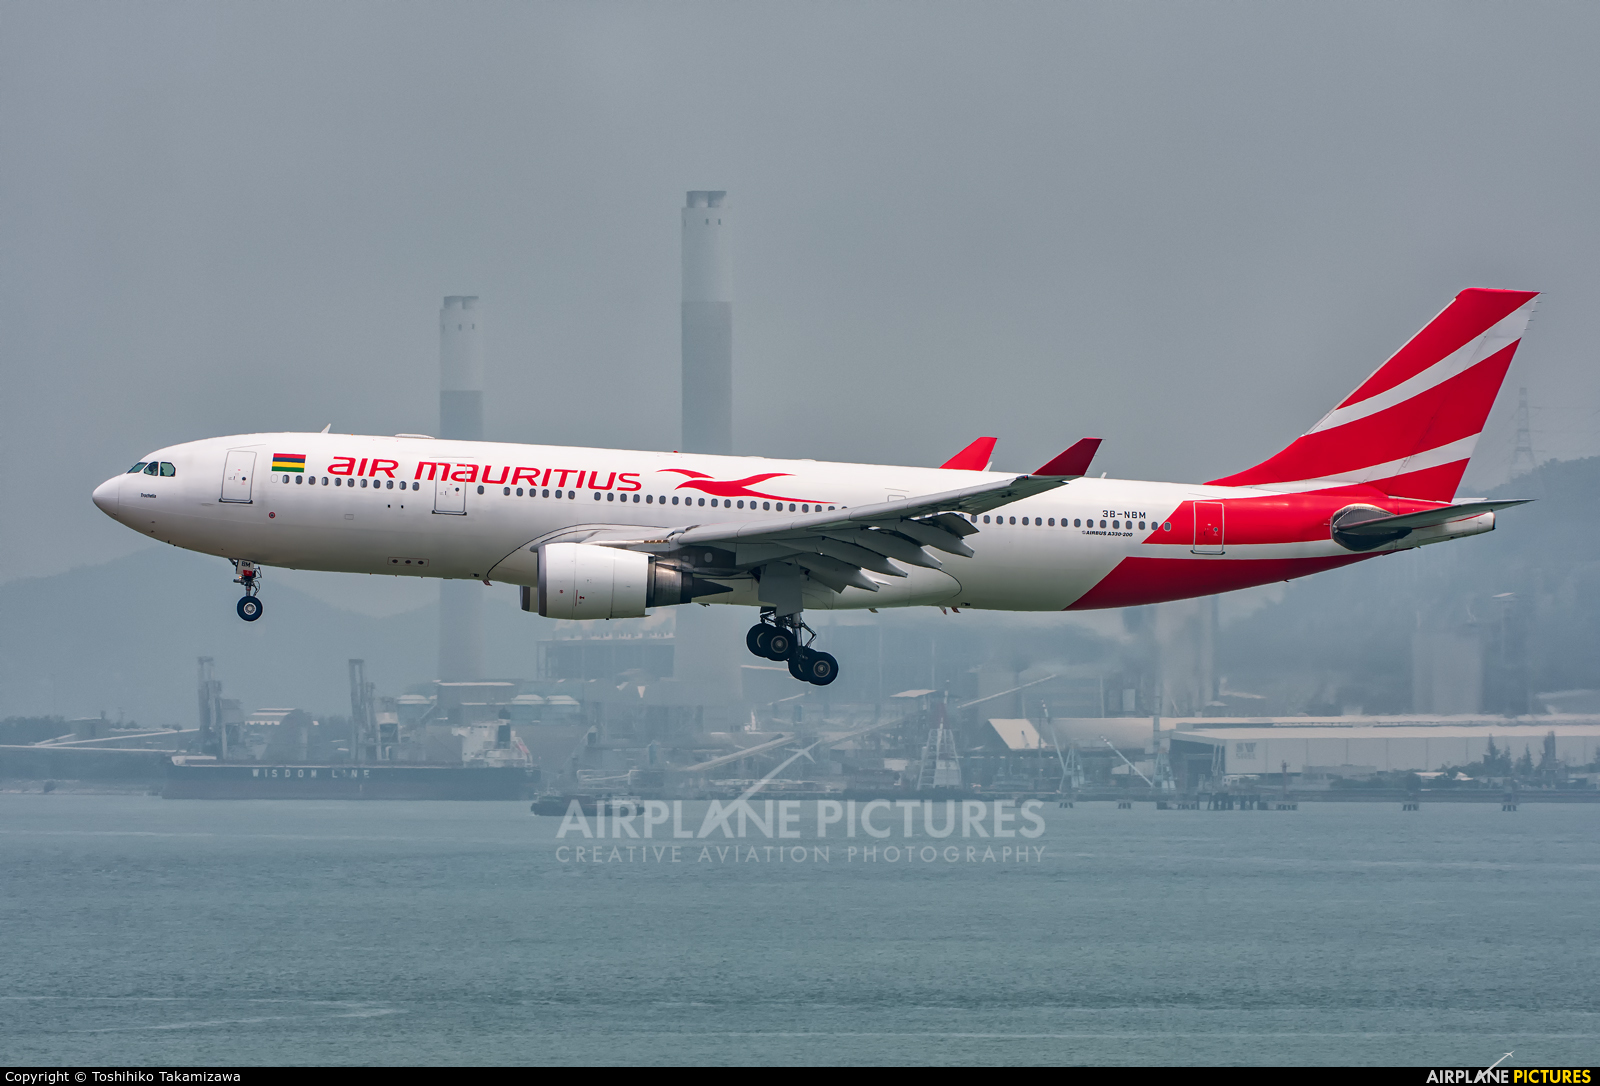 Air Mauritius 3B-NBM aircraft at HKG - Chek Lap Kok Intl